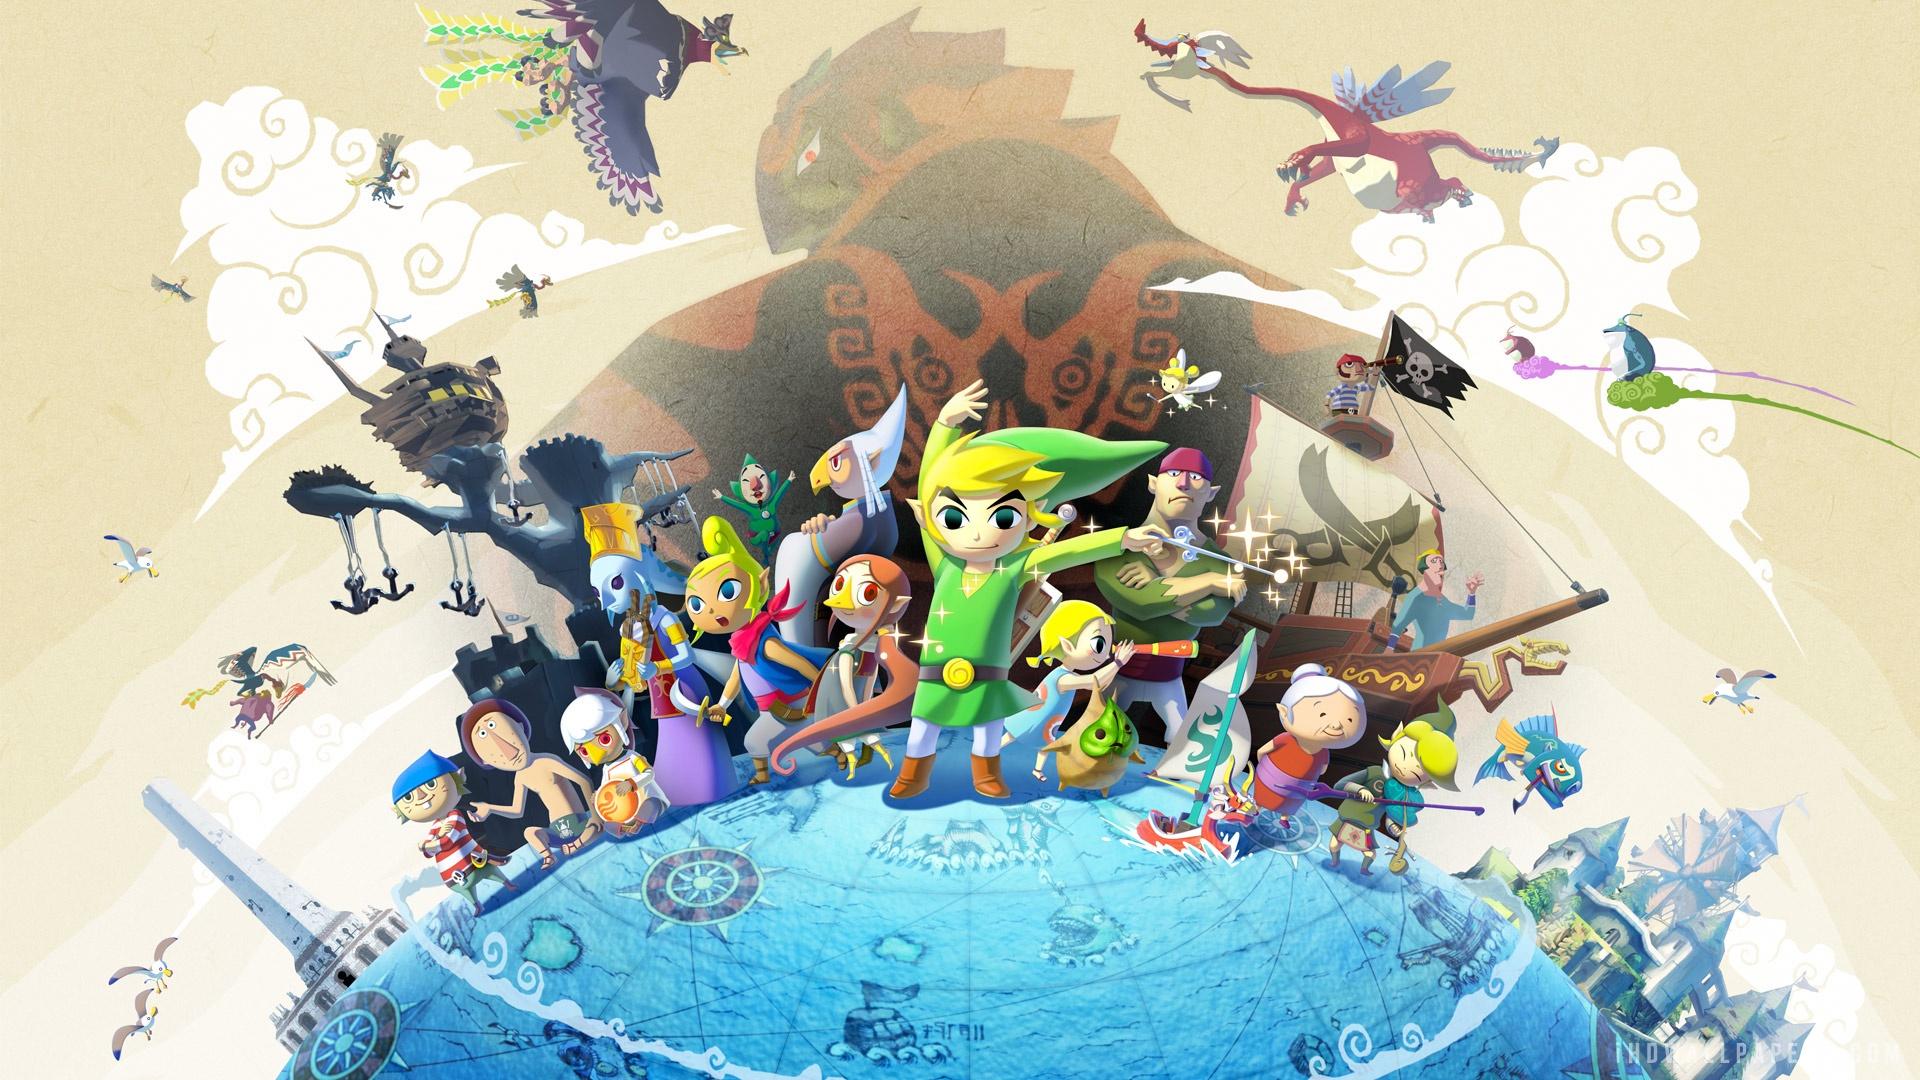 Legend Of Zelda Wind Waker Hd wallpaper   977965 1920x1080